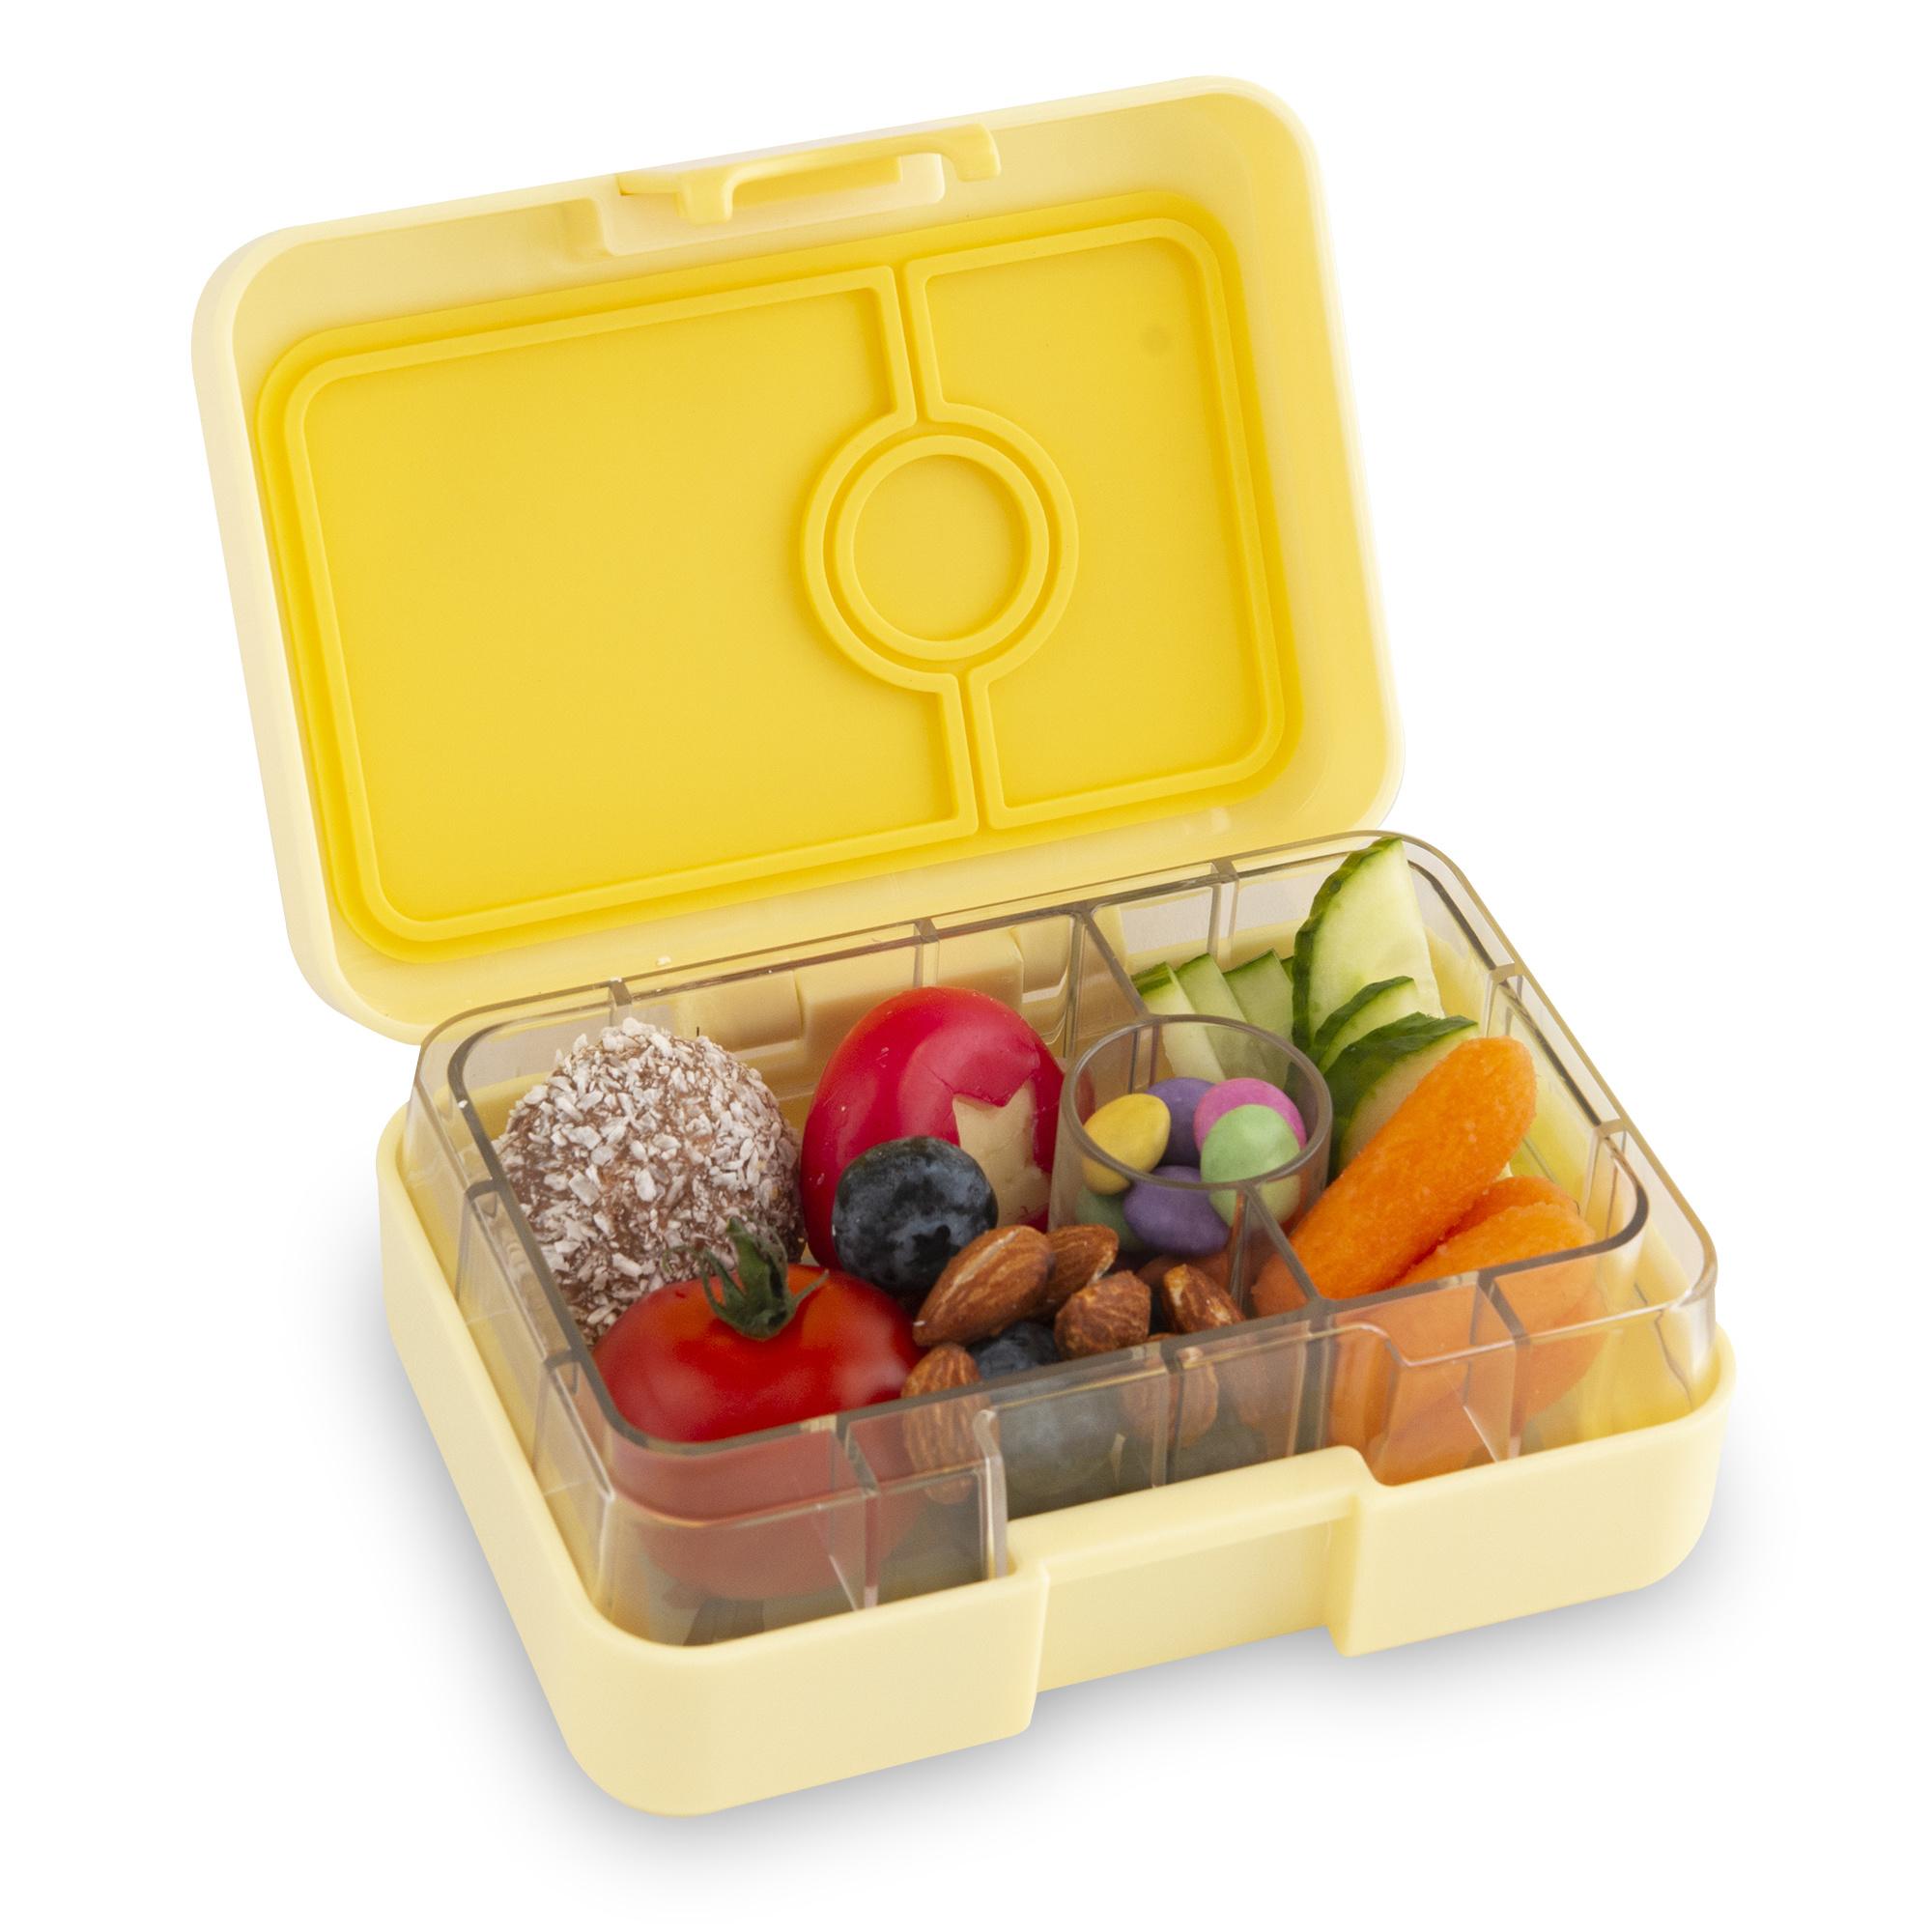 Yumbox MiniSnack broodtrommel 3 vakken Sunburst geel / Toucan tray-5